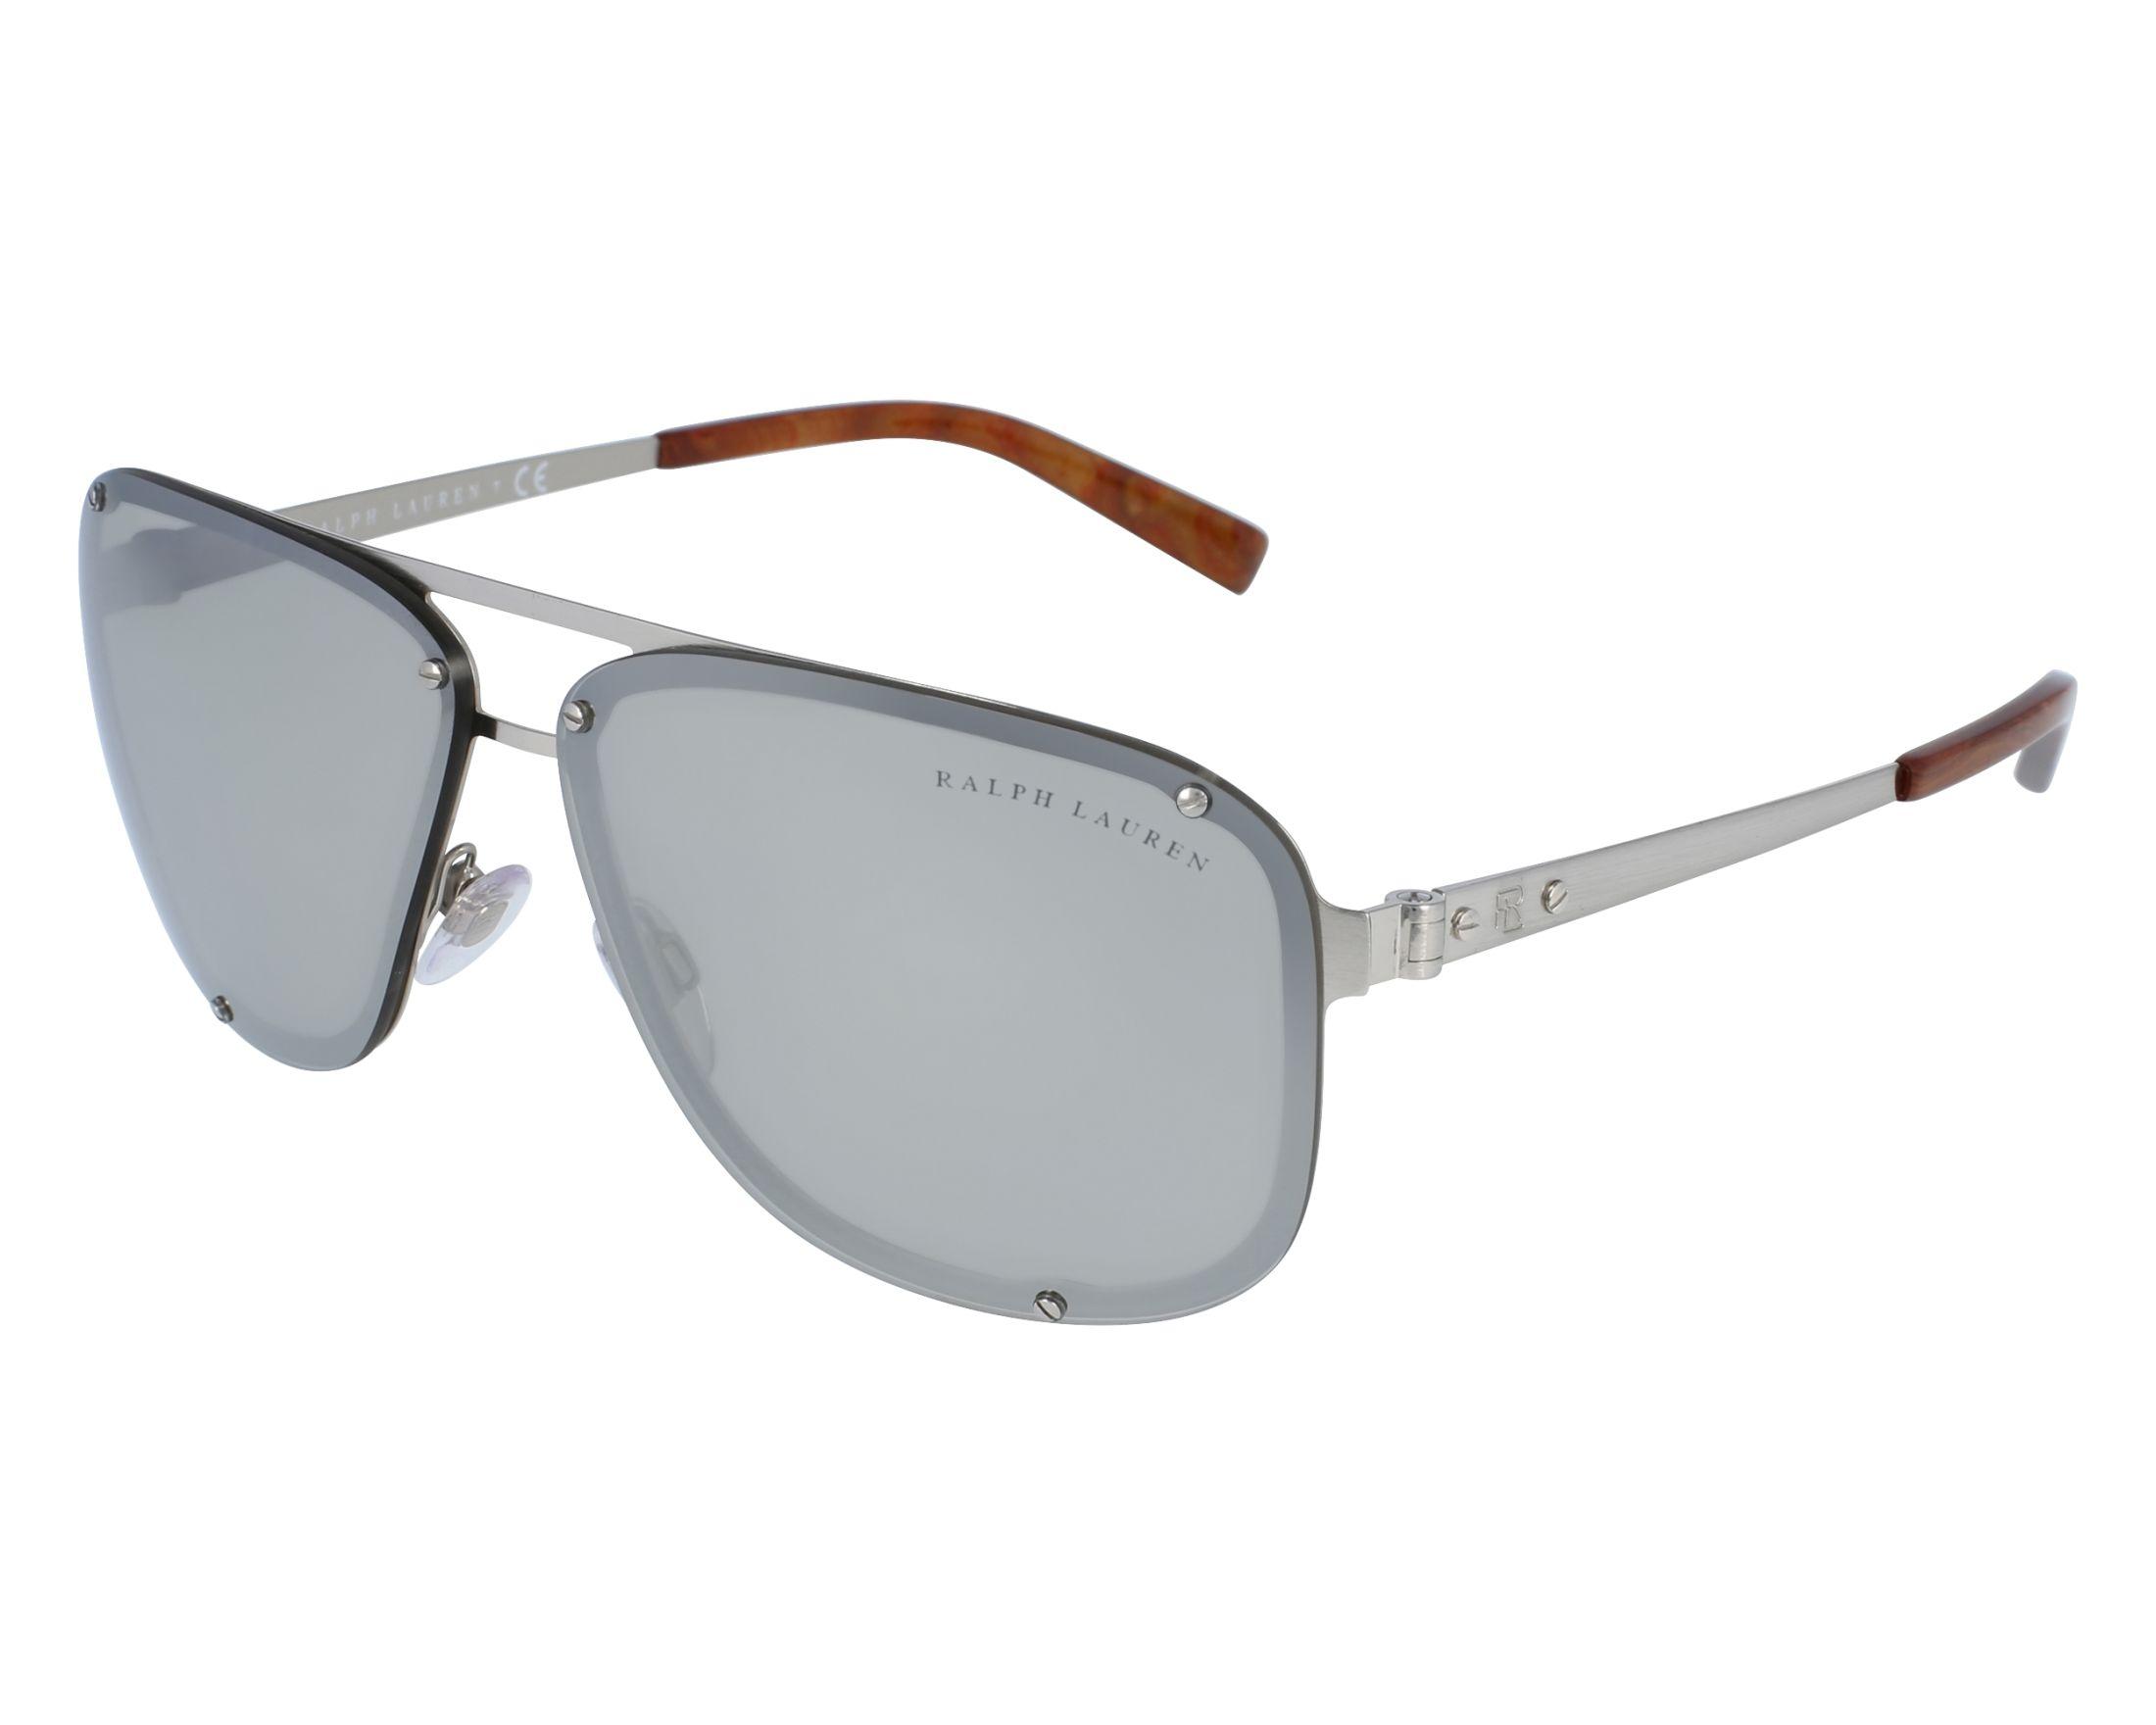 Sunglasses Ralph Lauren RL-7055 9030 6G 64-10 Silver front view 5aaa5d52f52e